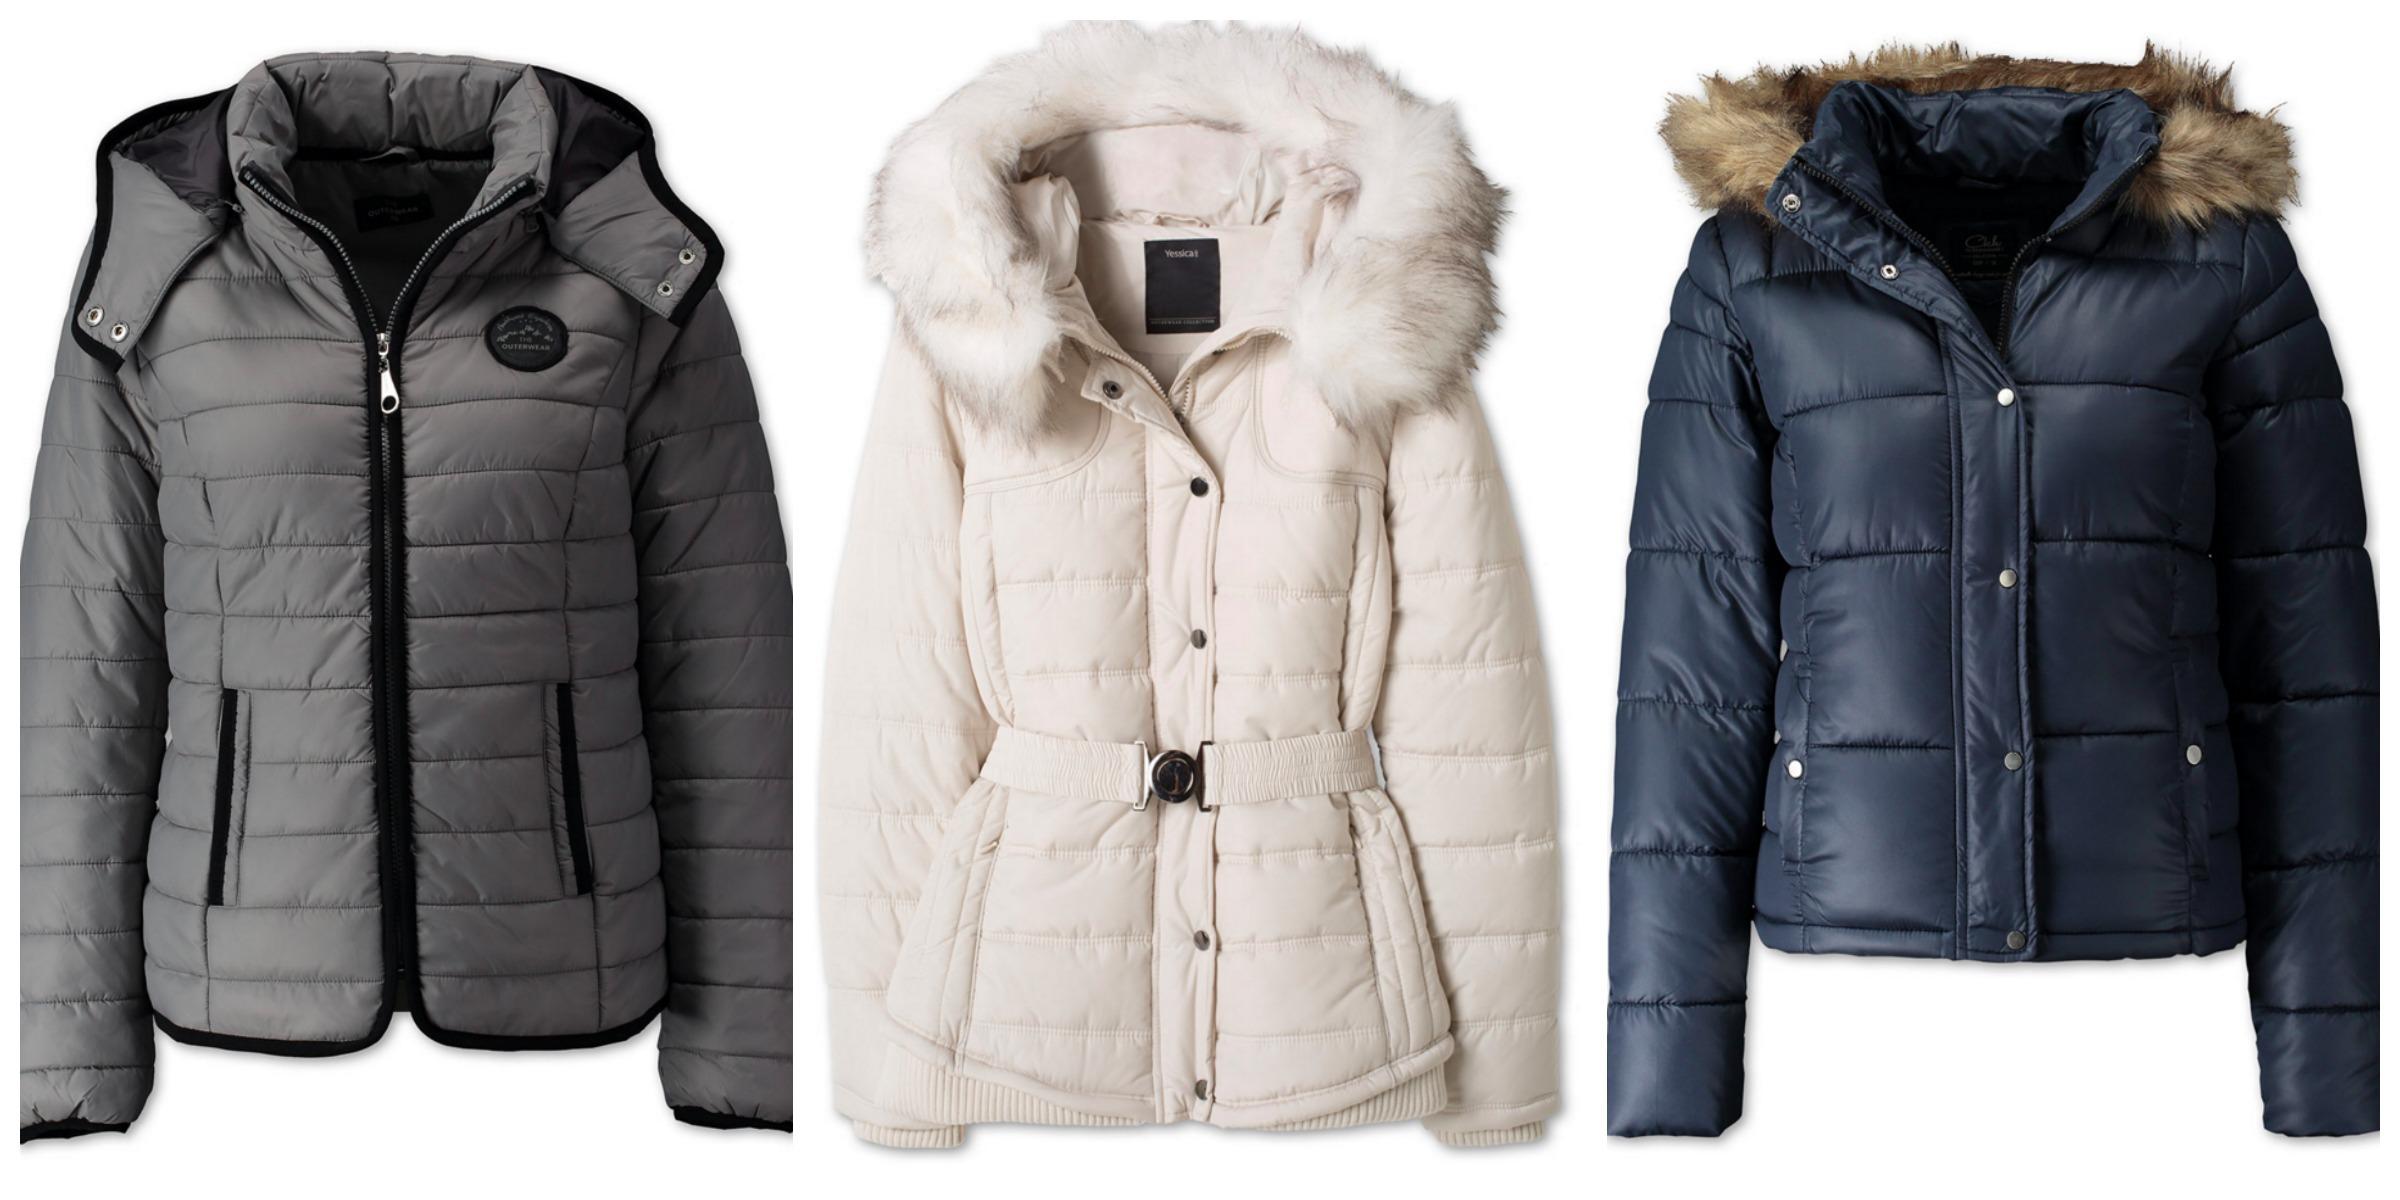 Auswahl Jacken